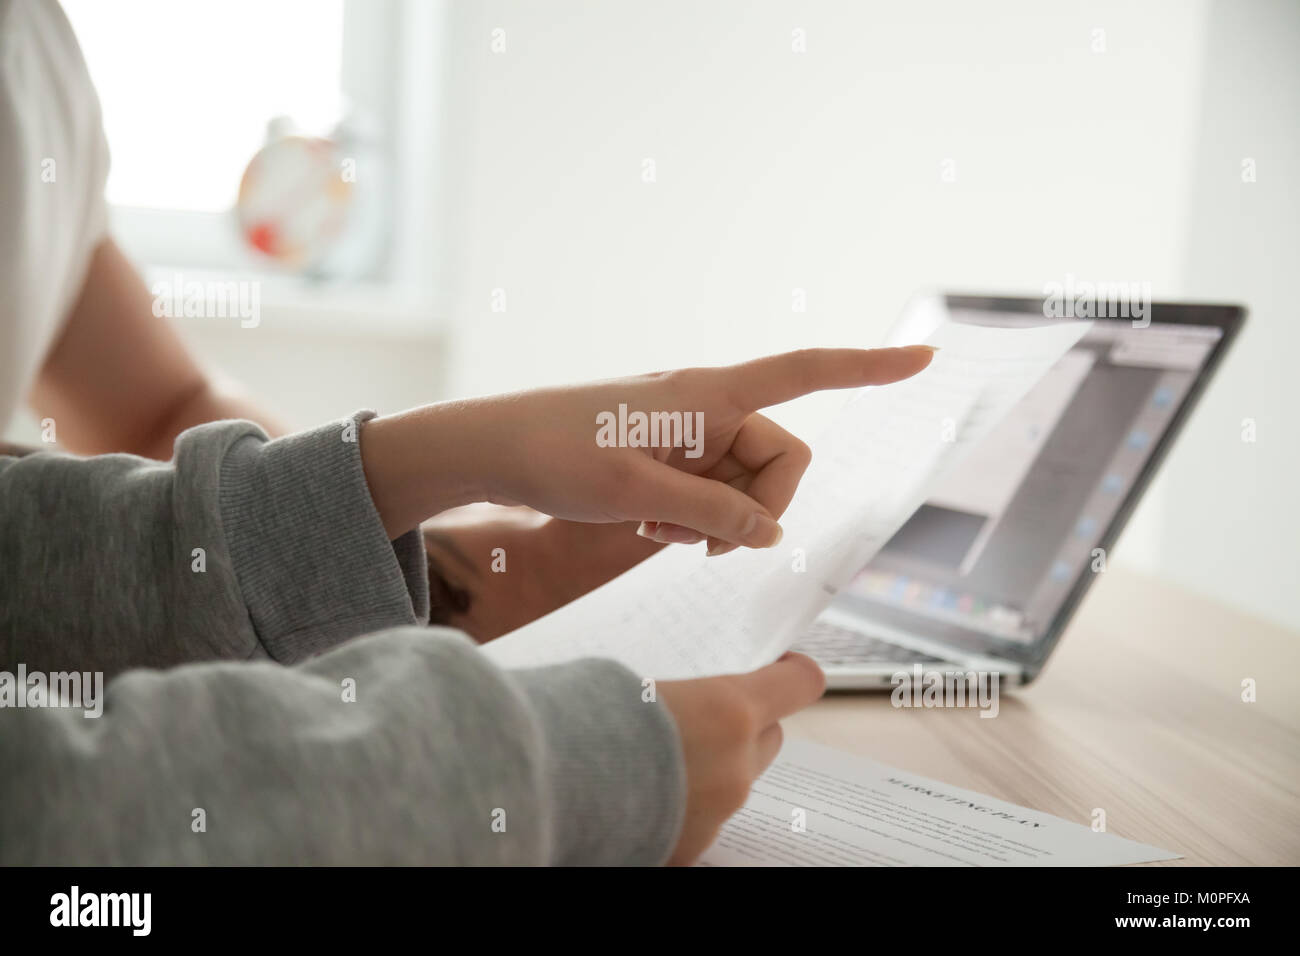 Femmina di puntamento a mano sul documento prestando attenzione a importanti t Immagini Stock